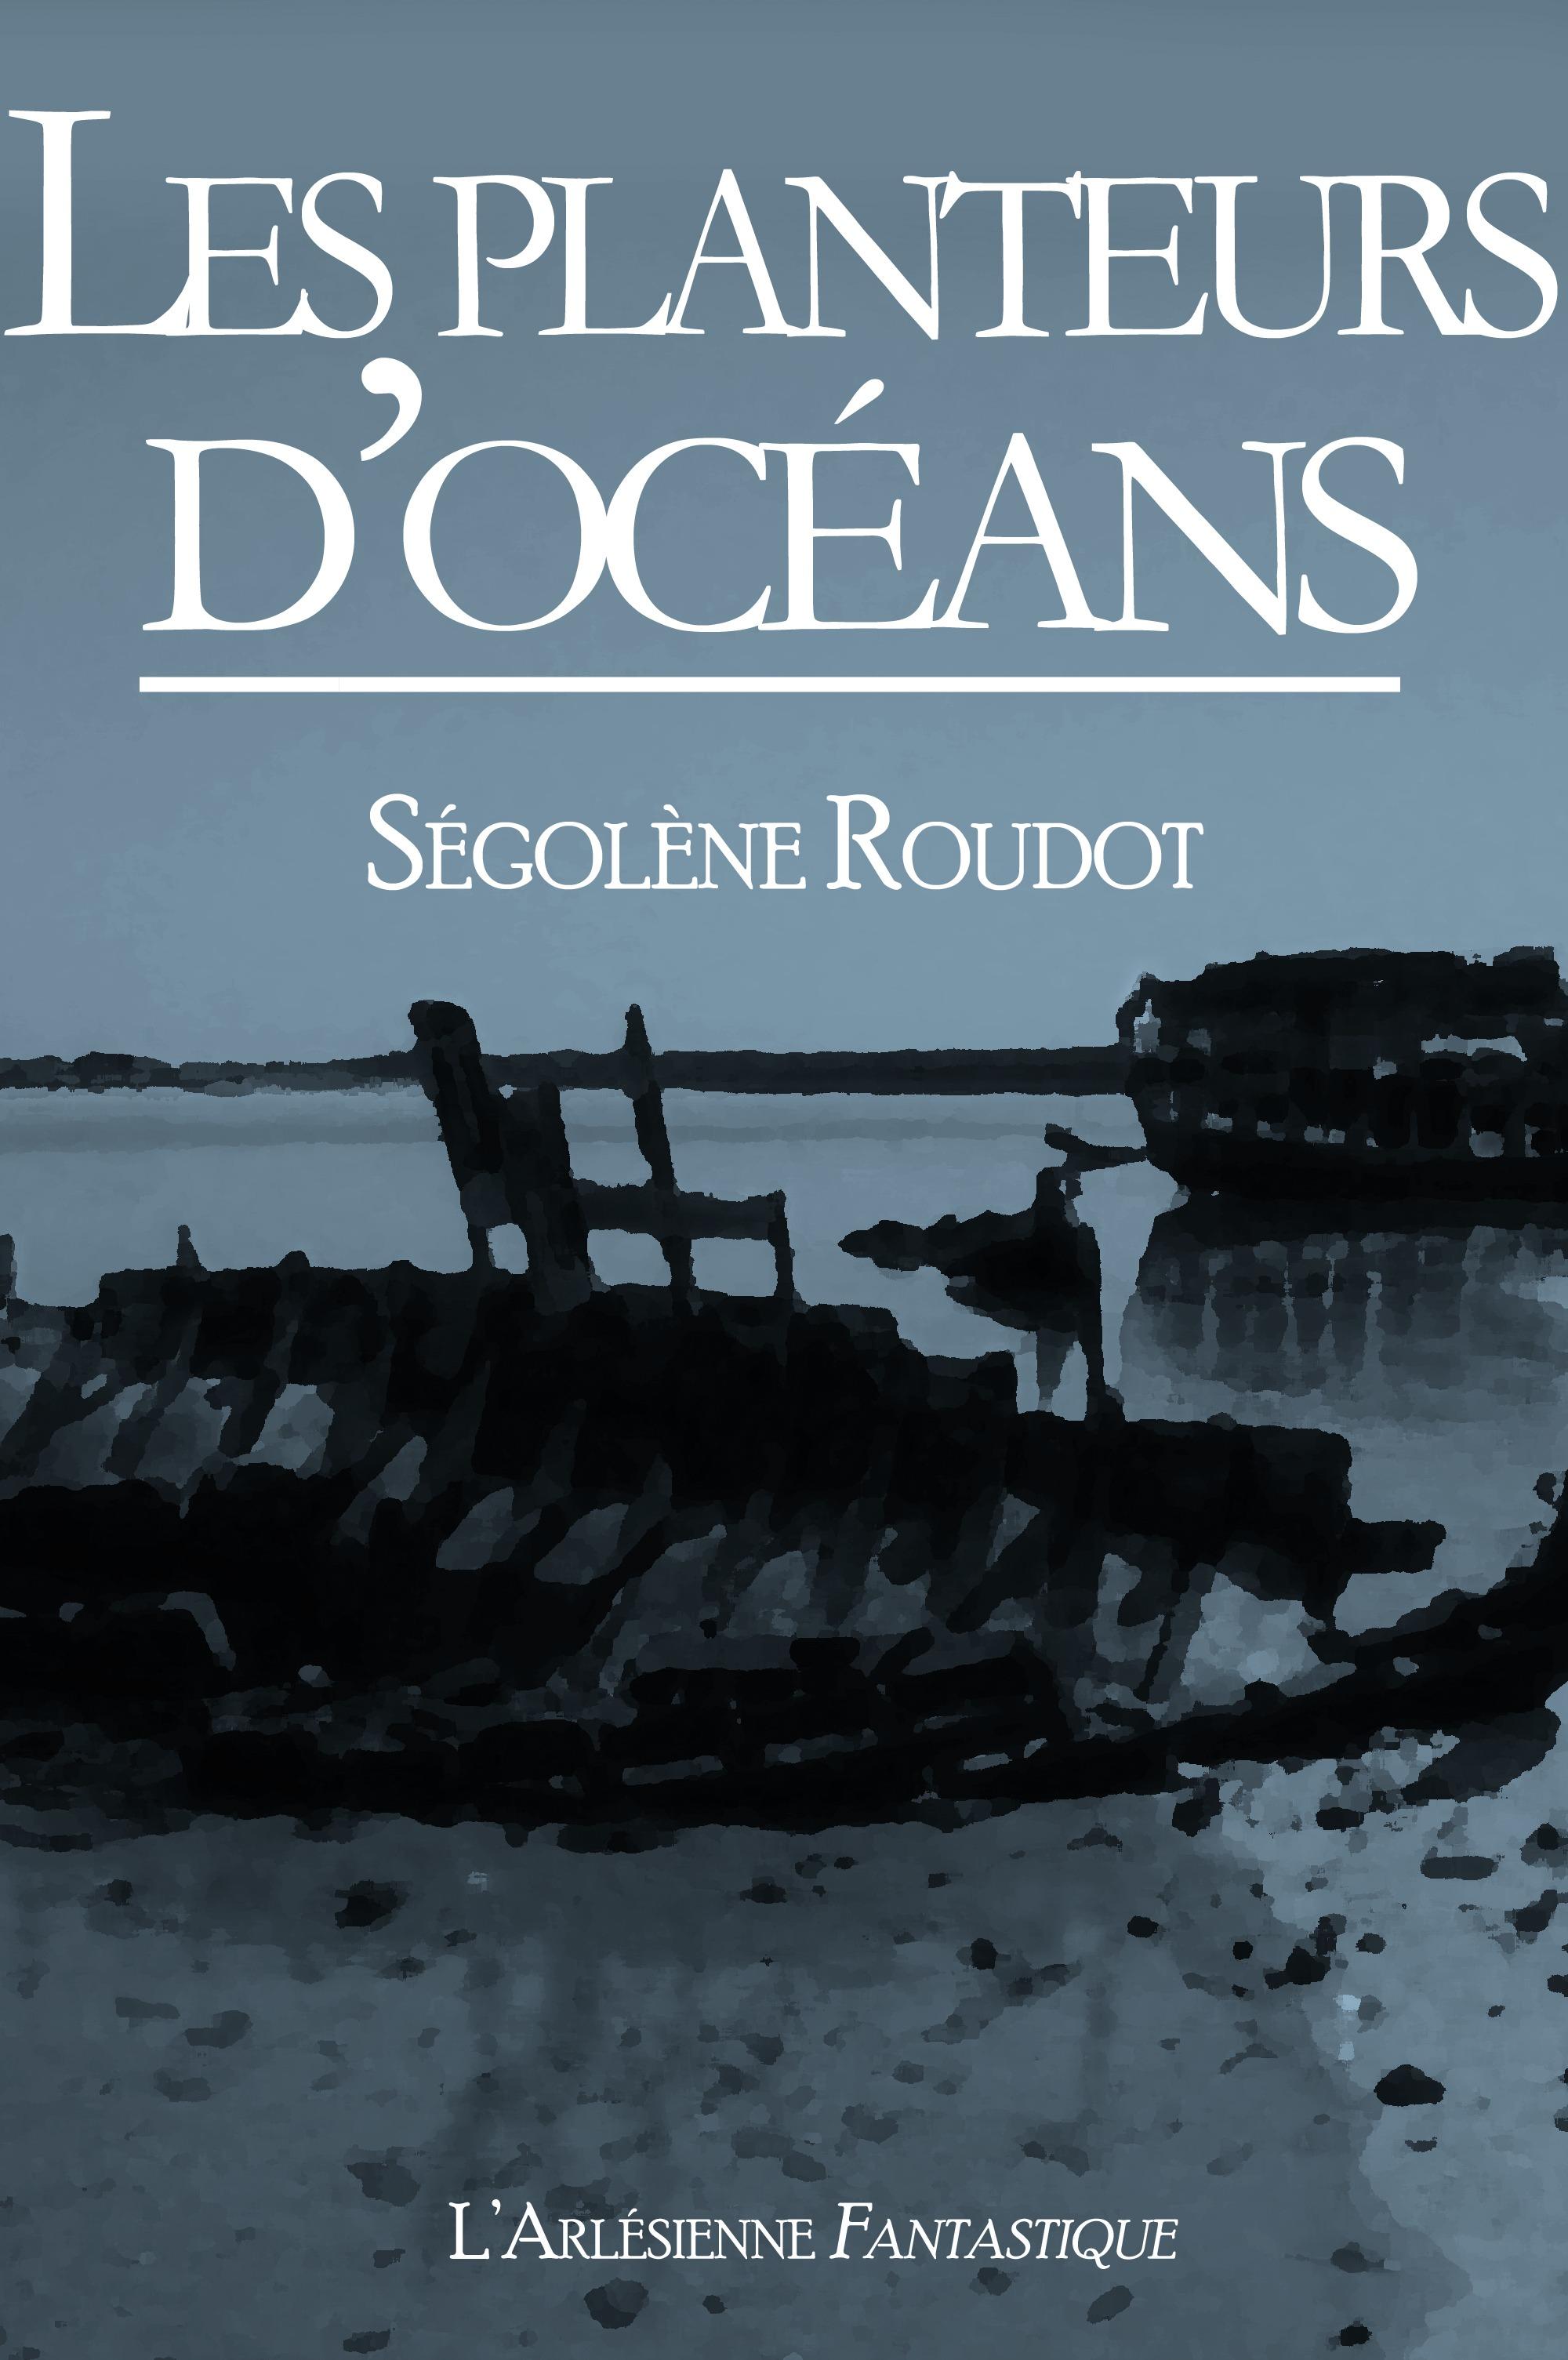 Les planteurs d'océans, TEXTE INTÉGRAL